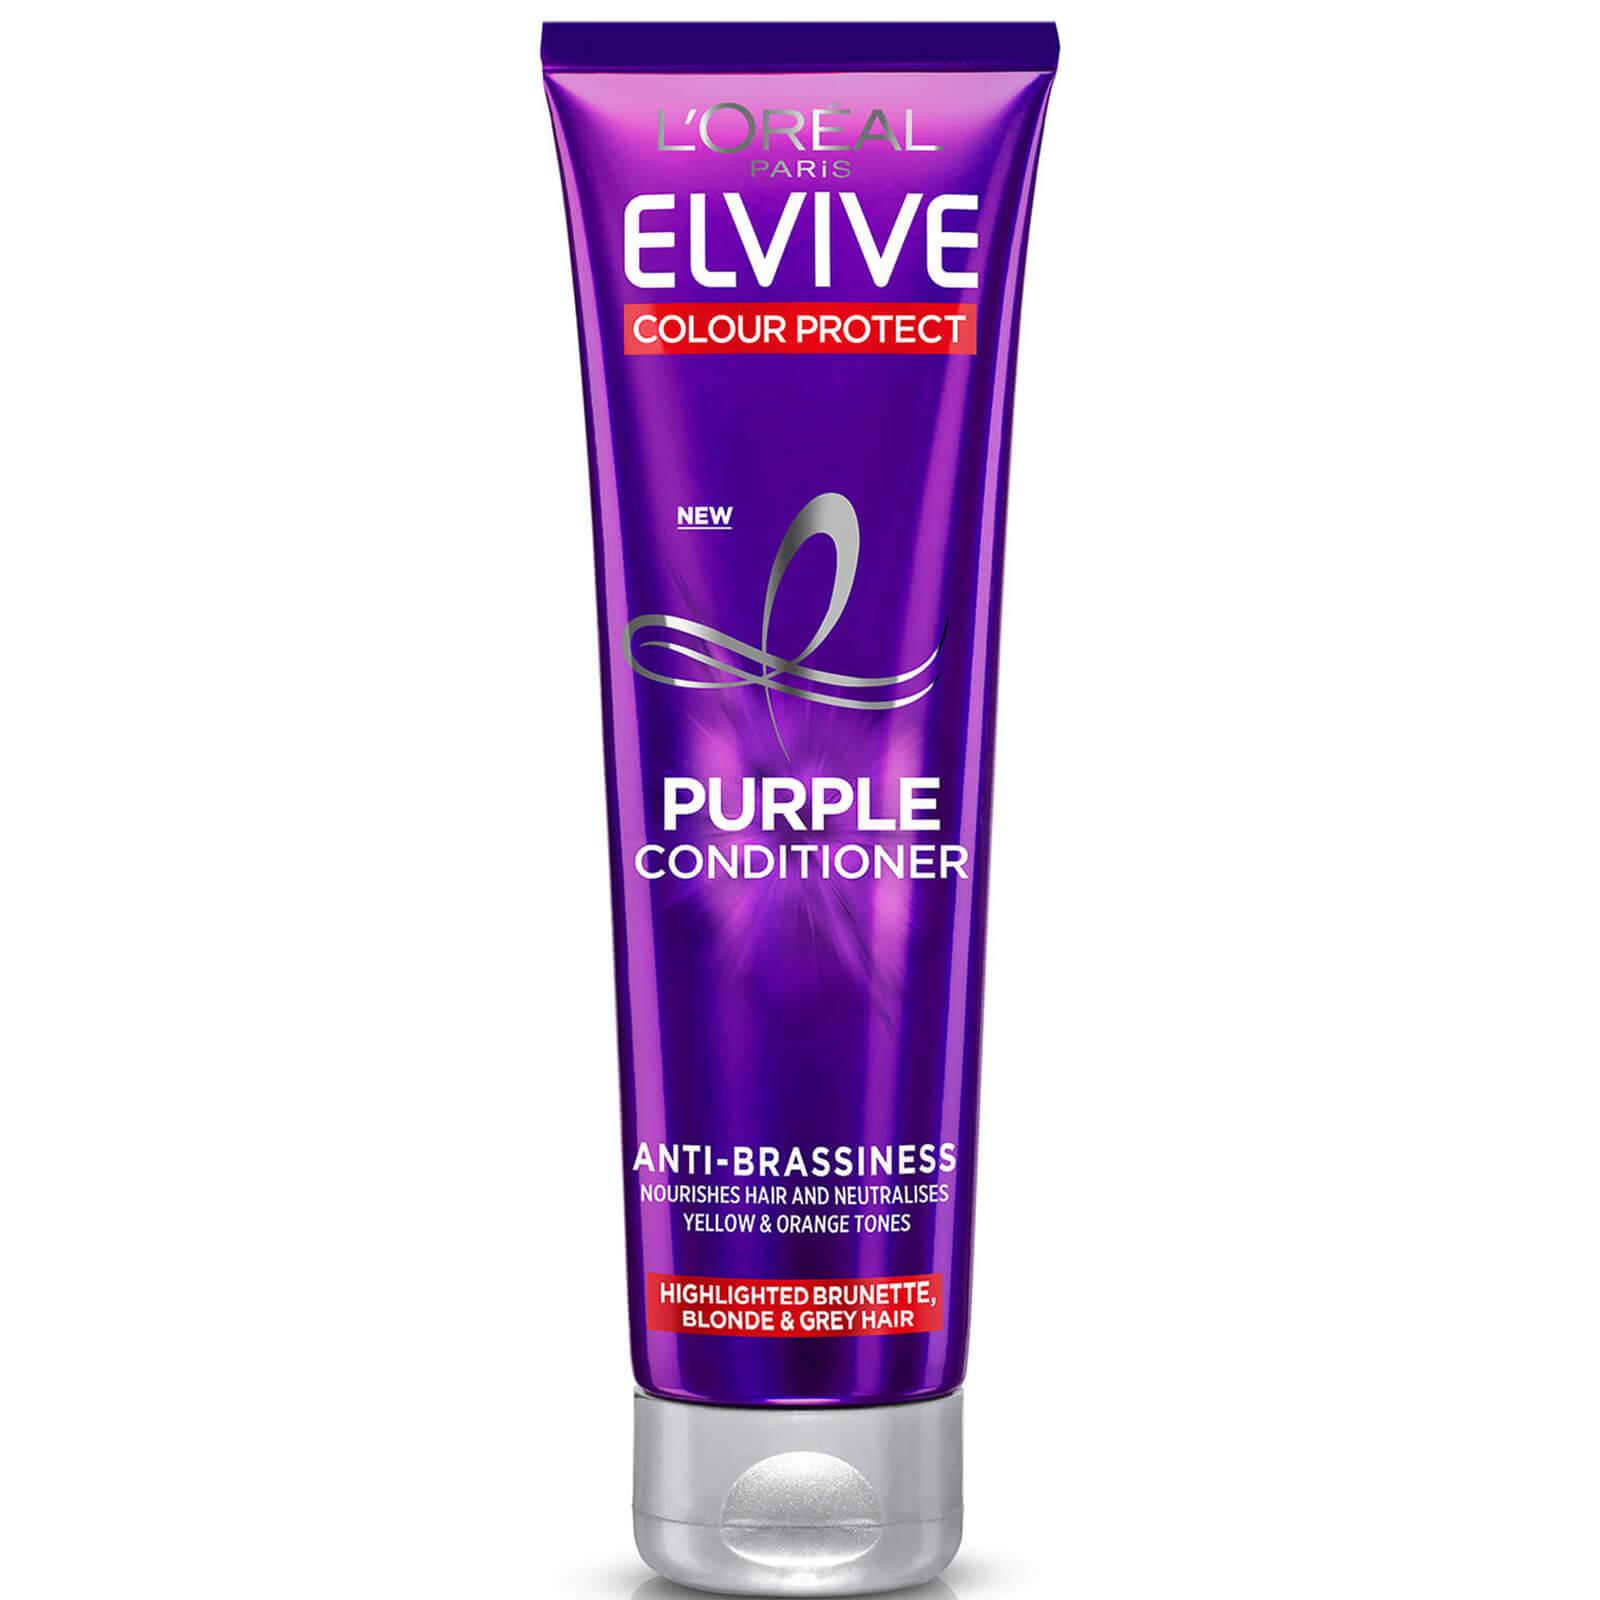 L'Oréal Paris Elvive Colour Protect Anti-Brassiness Purple Conditioner 150ml